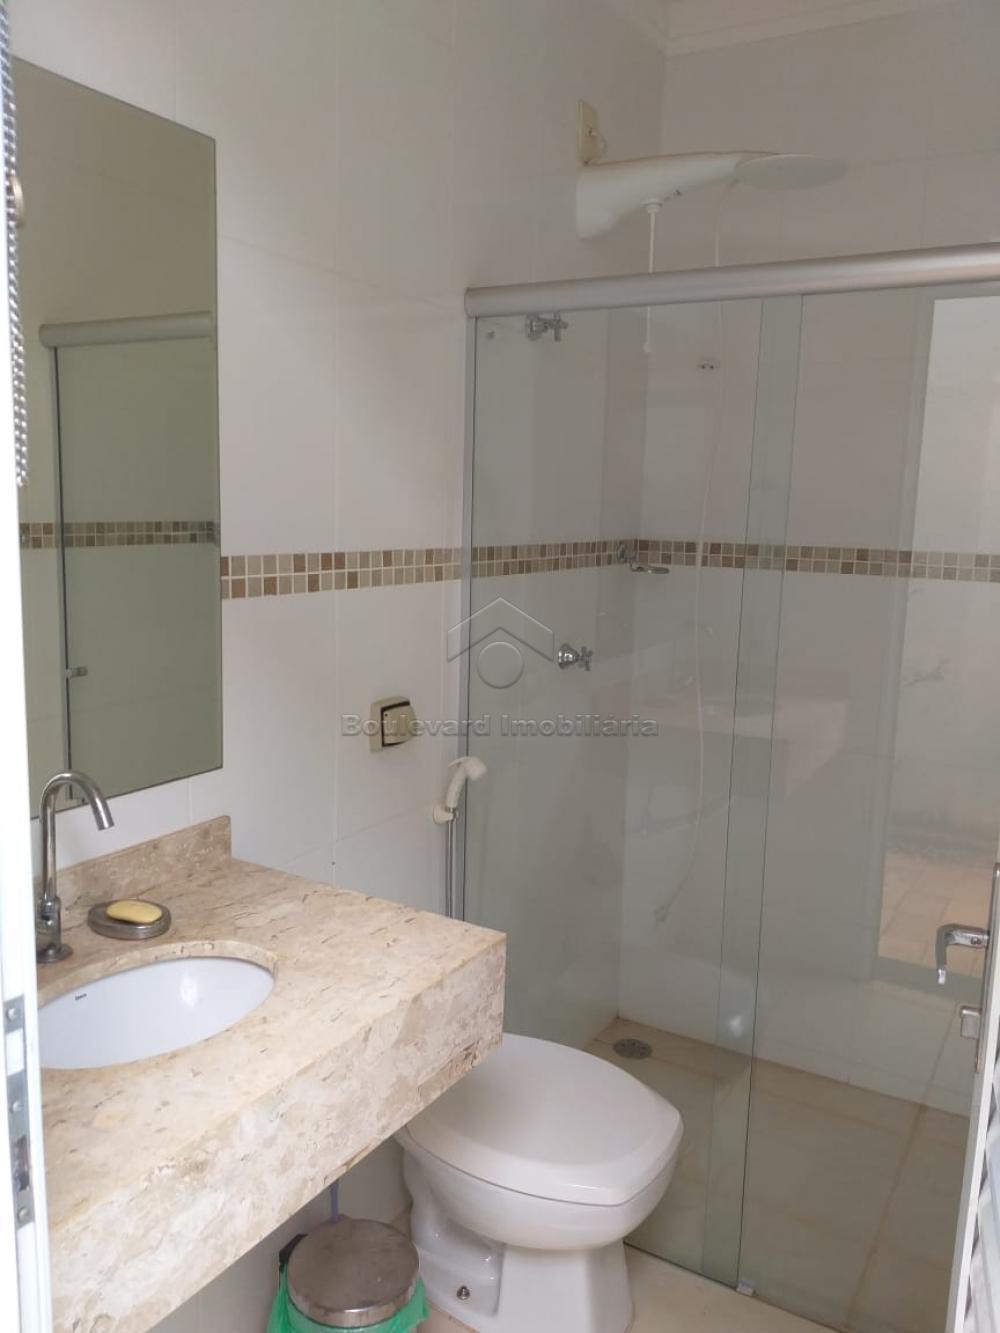 Comprar Casa / Padrão em Ribeirão Preto apenas R$ 1.200.000,00 - Foto 35